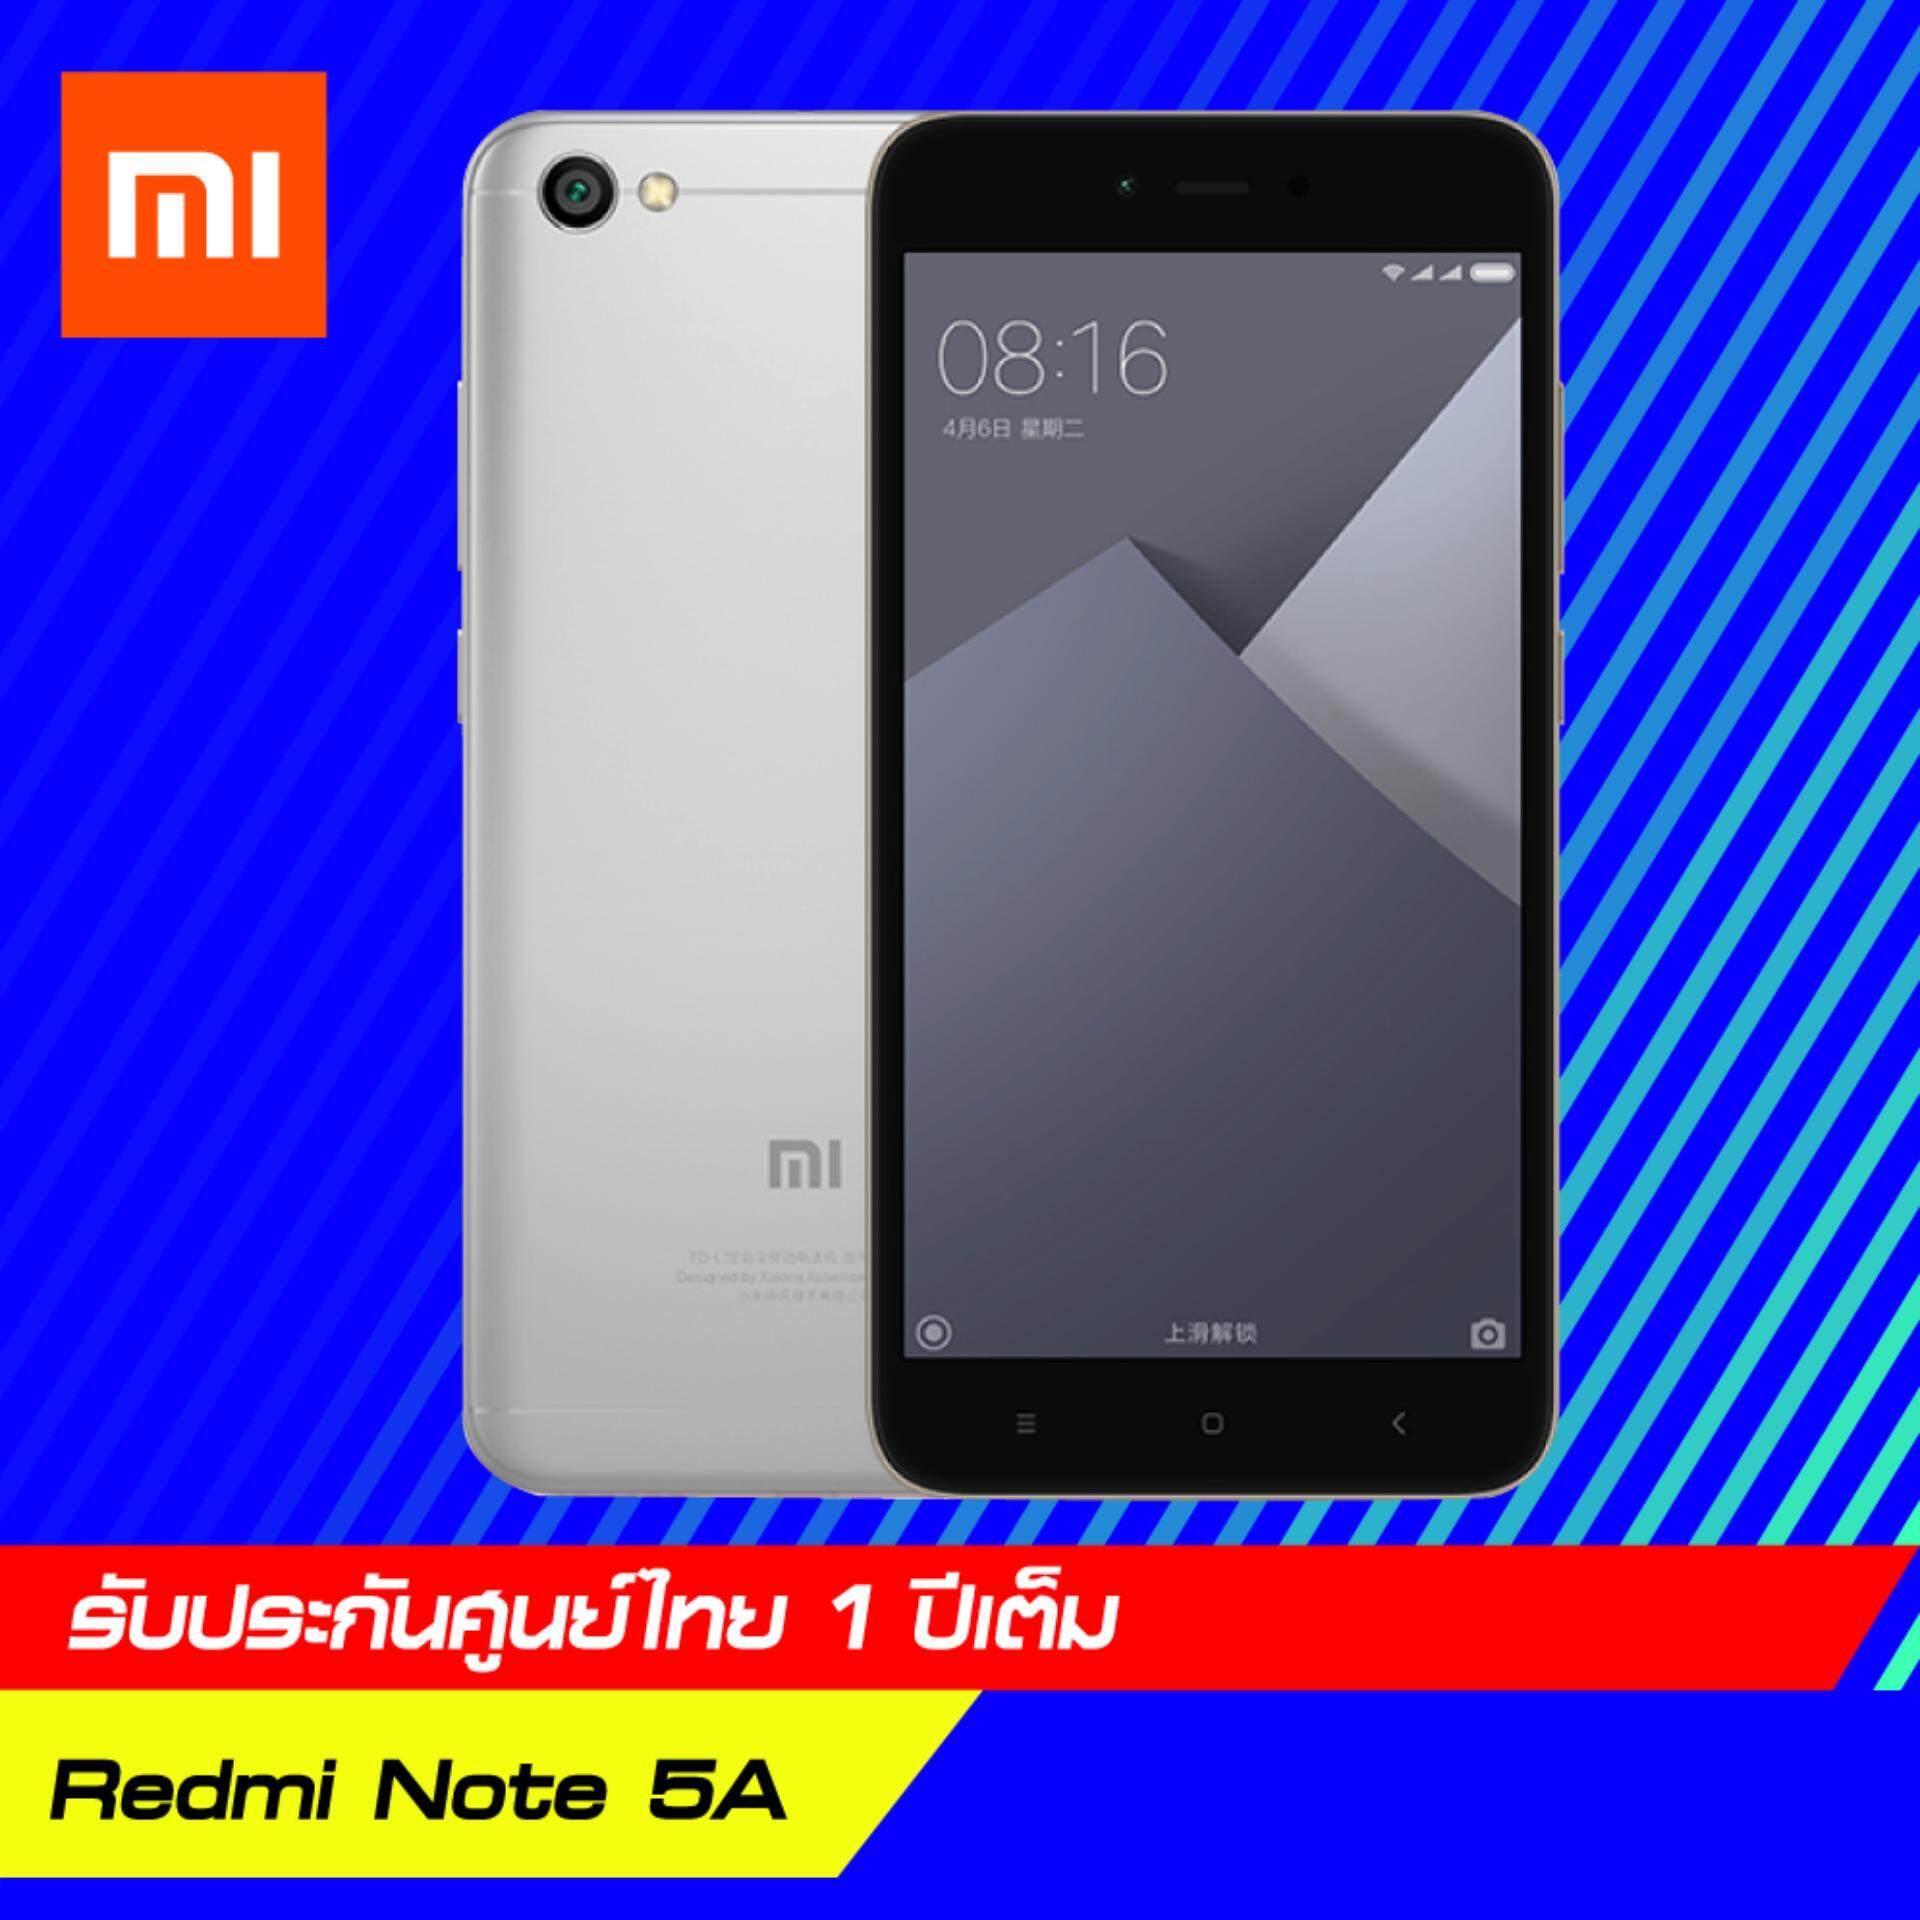 ซื้อ Xiaomi Redmi Note 5A 2 16Gb รับประกันศูนย์ไทย 1 ปีเต็ม ถูก Thailand